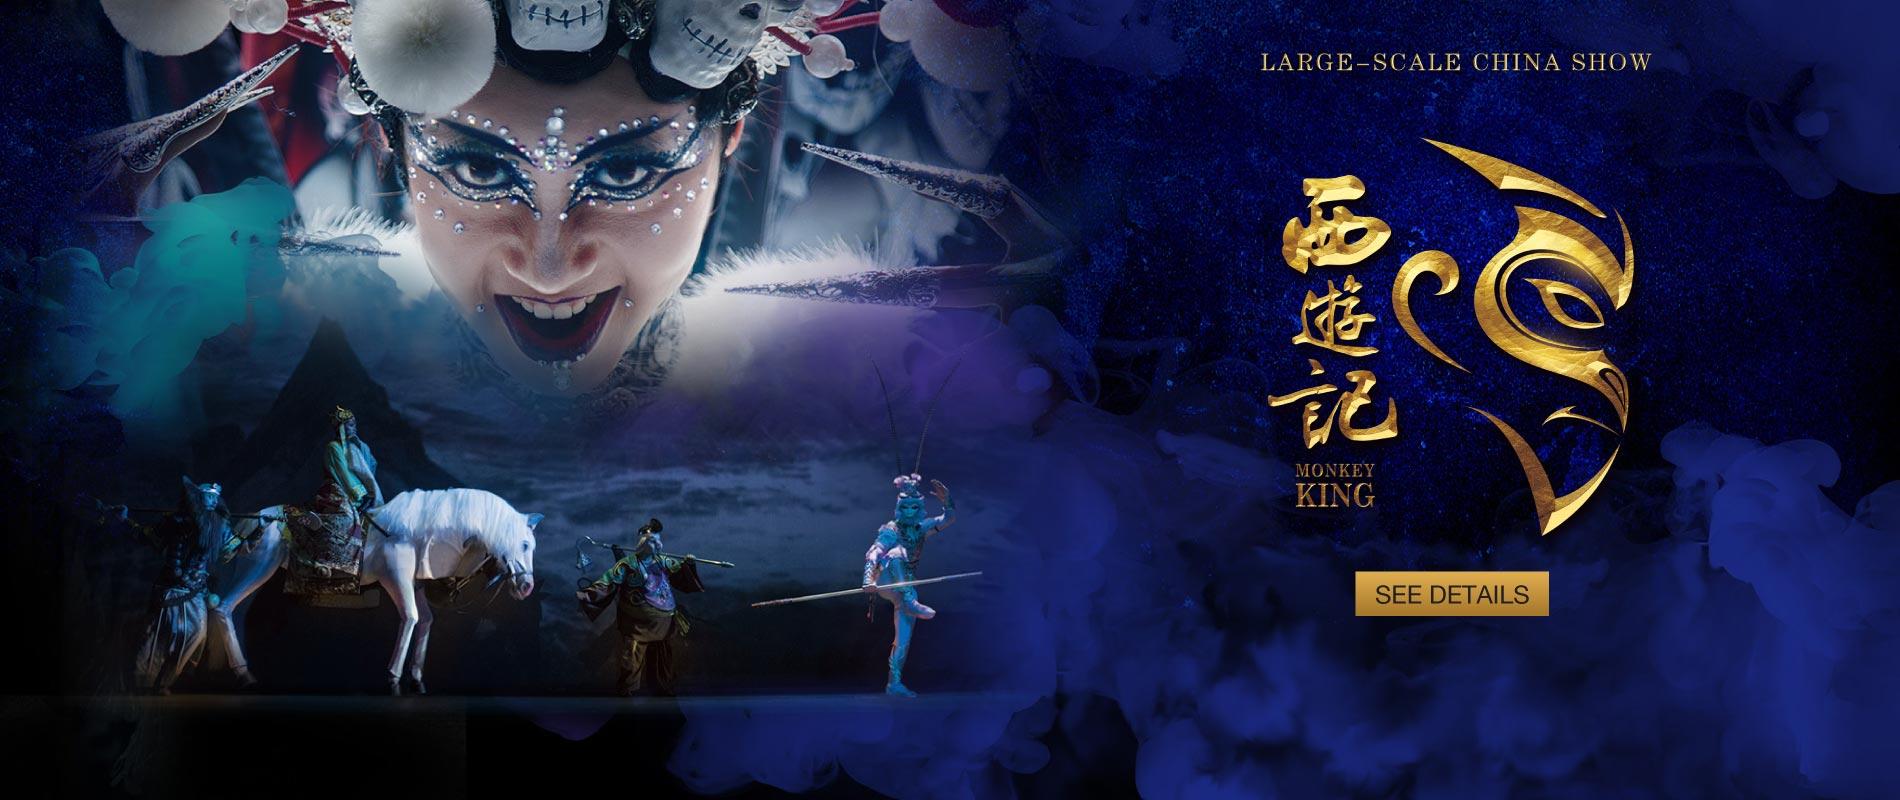 Monkey King – China Show